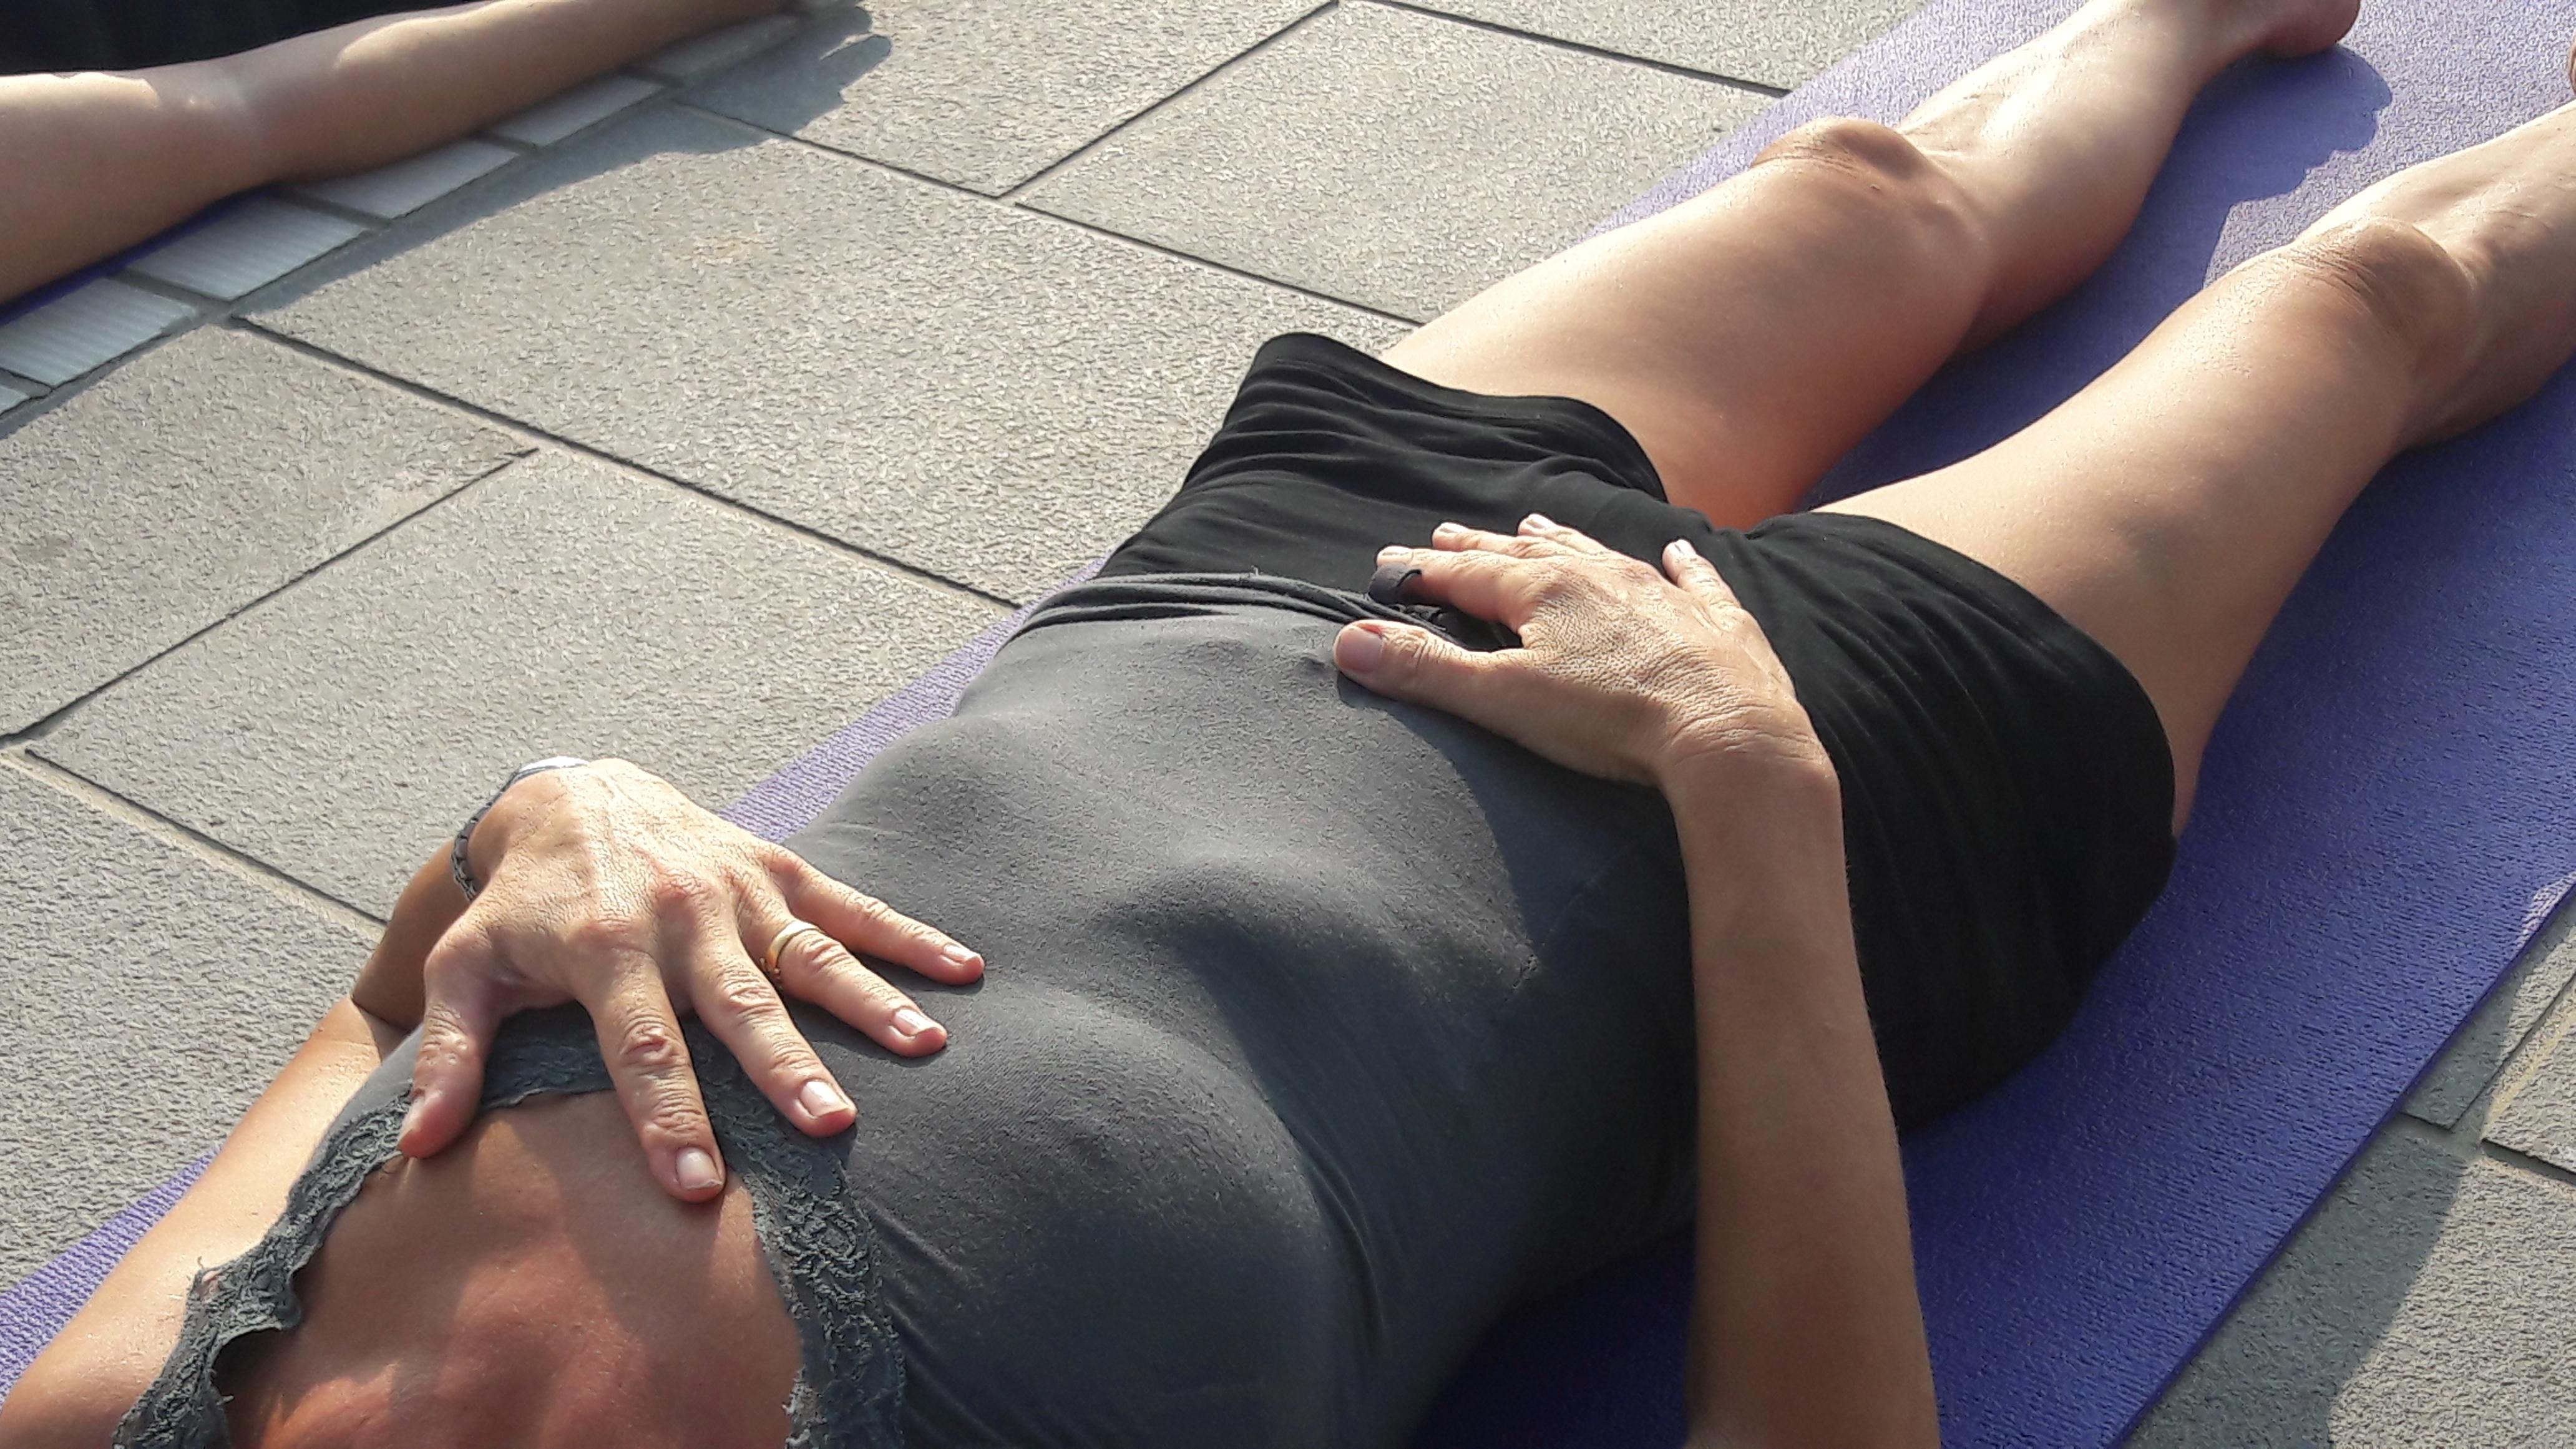 1_essere-free-yoga-gratuito-benessere-per-tutti-village-citta-alassio-estate-lucia-ragazzi-summer-town-wellness-033